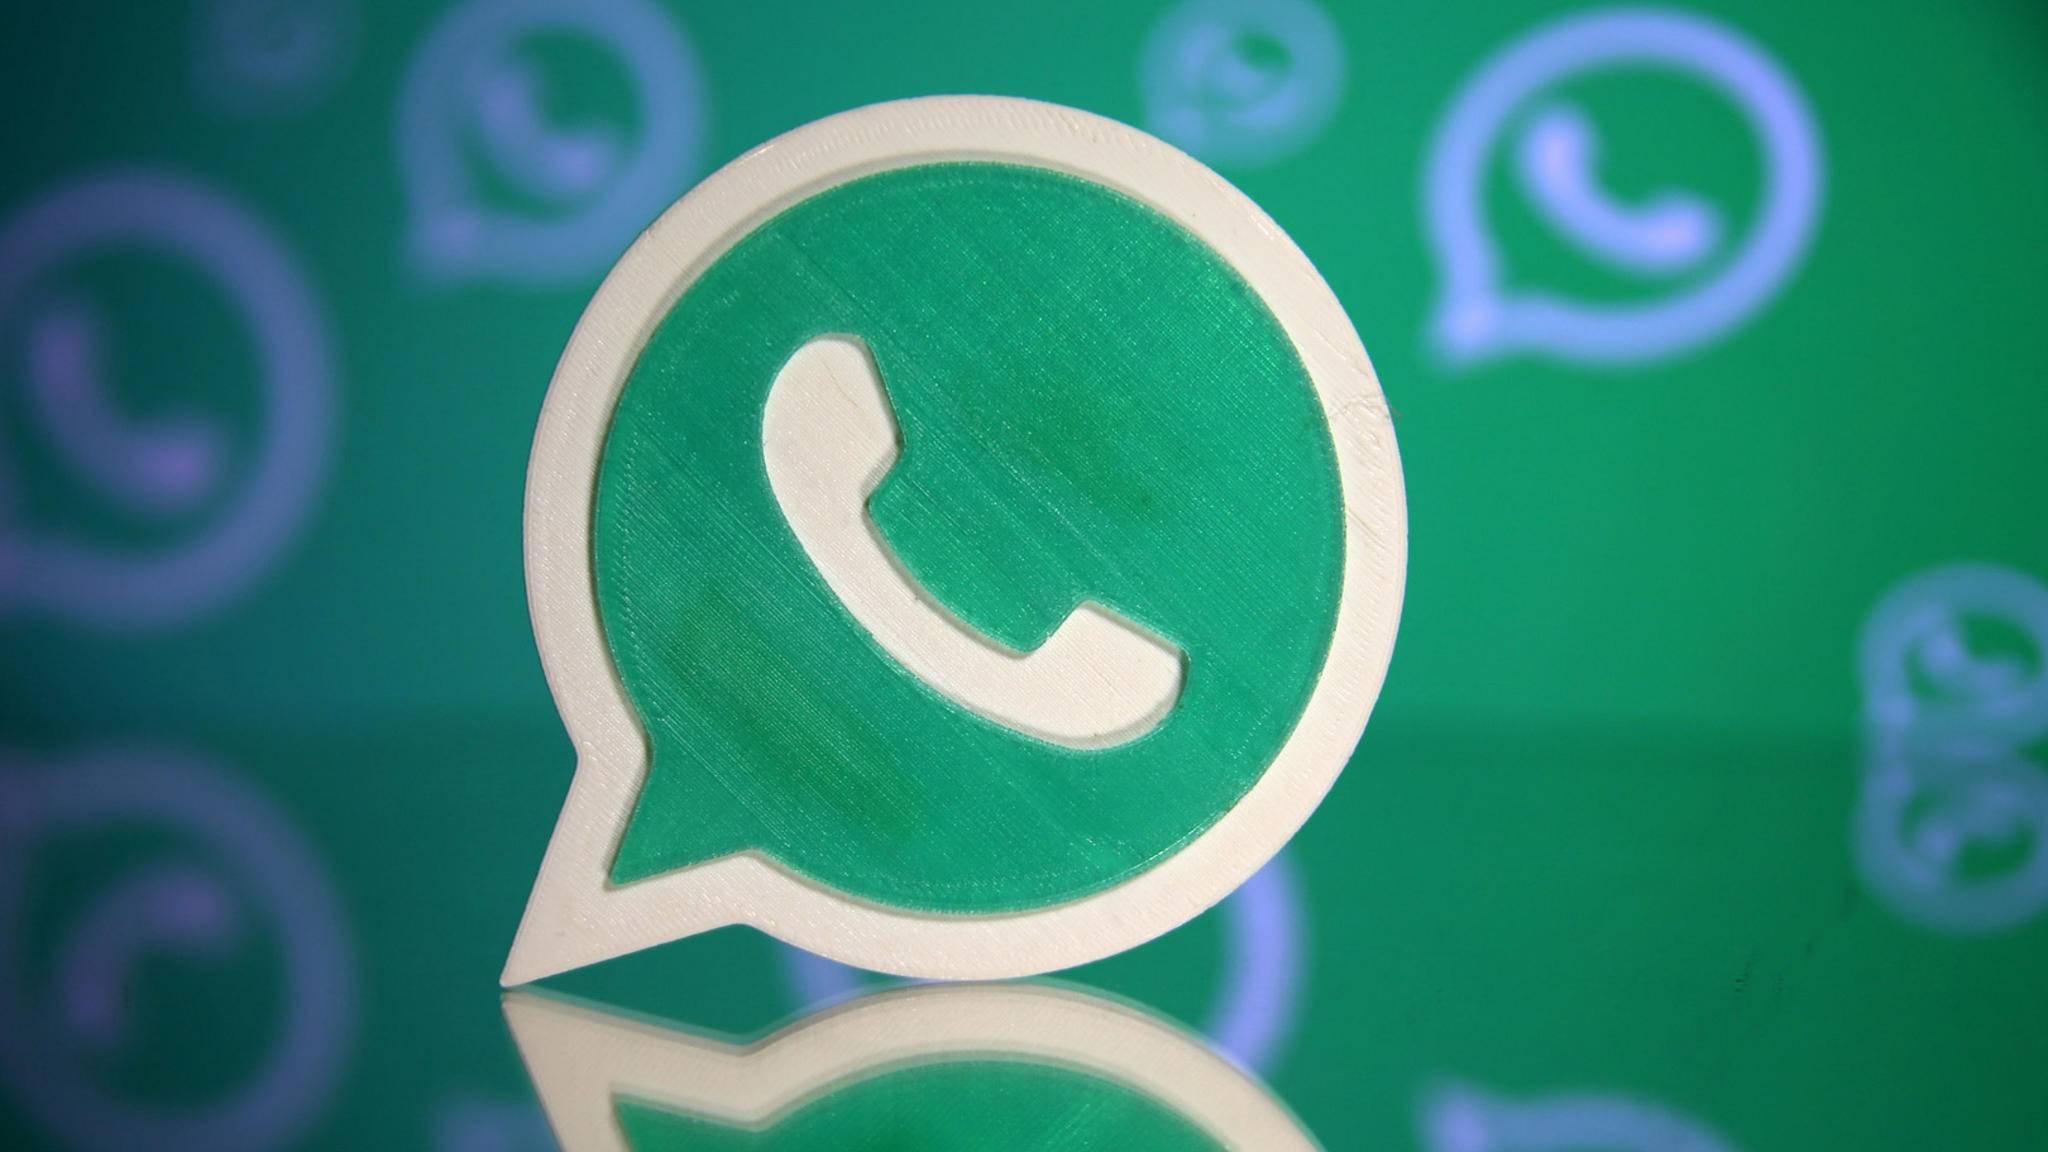 Demnächst wird die Fingerabdruck-Entsperrung auch in der Android-Version von WhatsApp möglich sein.